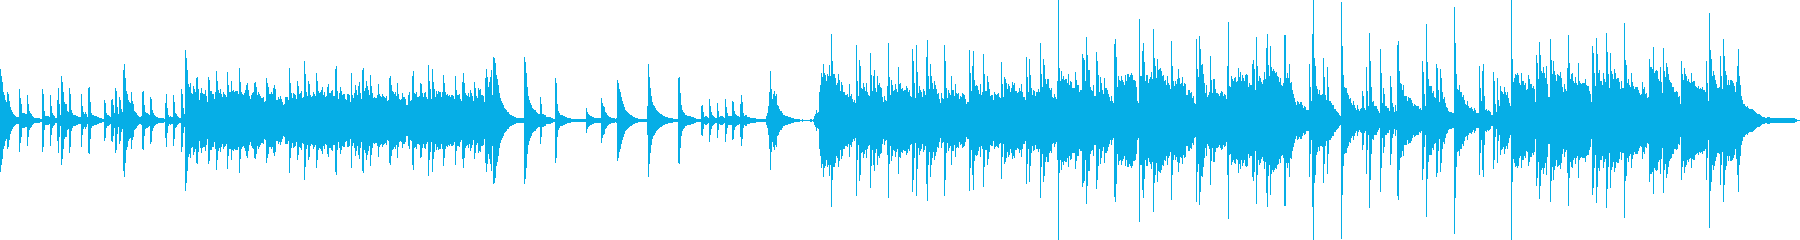 透明感 ピアノ [ 庭園 ]の再生済みの波形